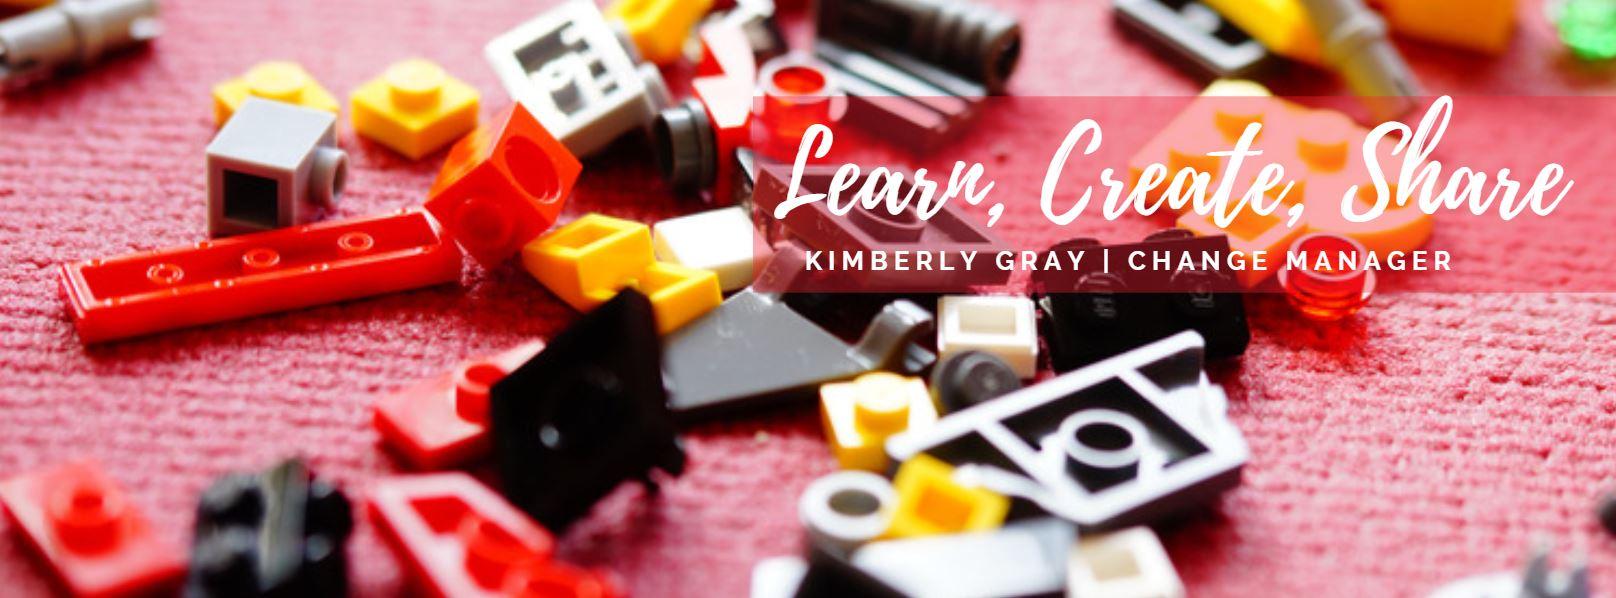 Kimberly Gray Cayasso